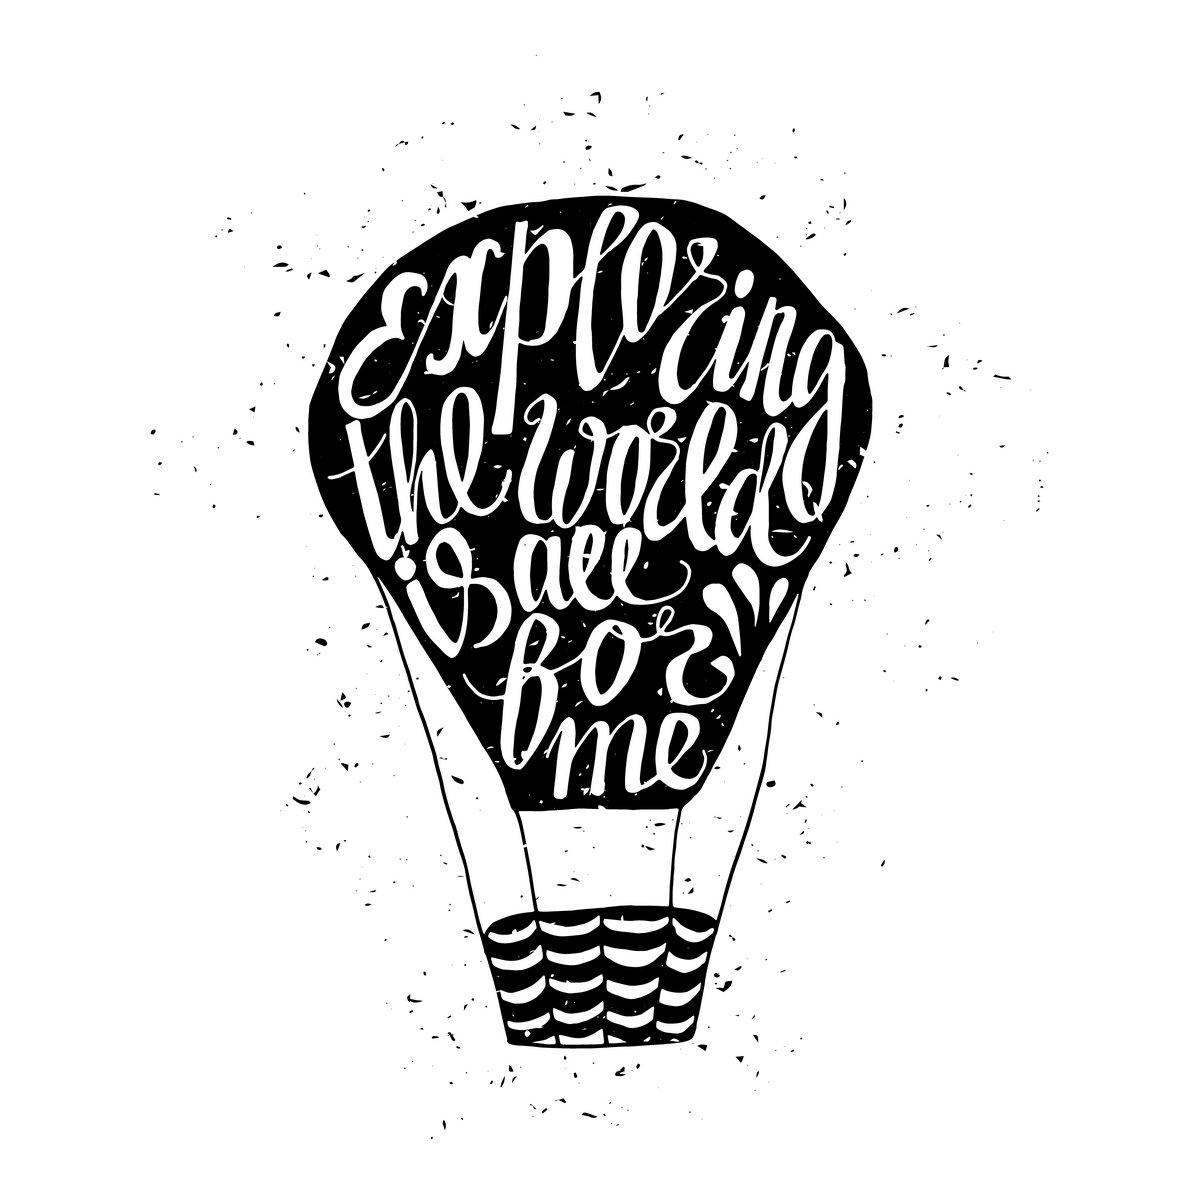 Постер-картина Мотивационный плакат Мотивационные поездки плакат с воздушный шарикМотивационный плакат<br>Постер на холсте или бумаге. Любого нужного вам размера. В раме или без. Подвес в комплекте. Трехслойная надежная упаковка. Доставим в любую точку России. Вам осталось только повесить картину на стену!<br>